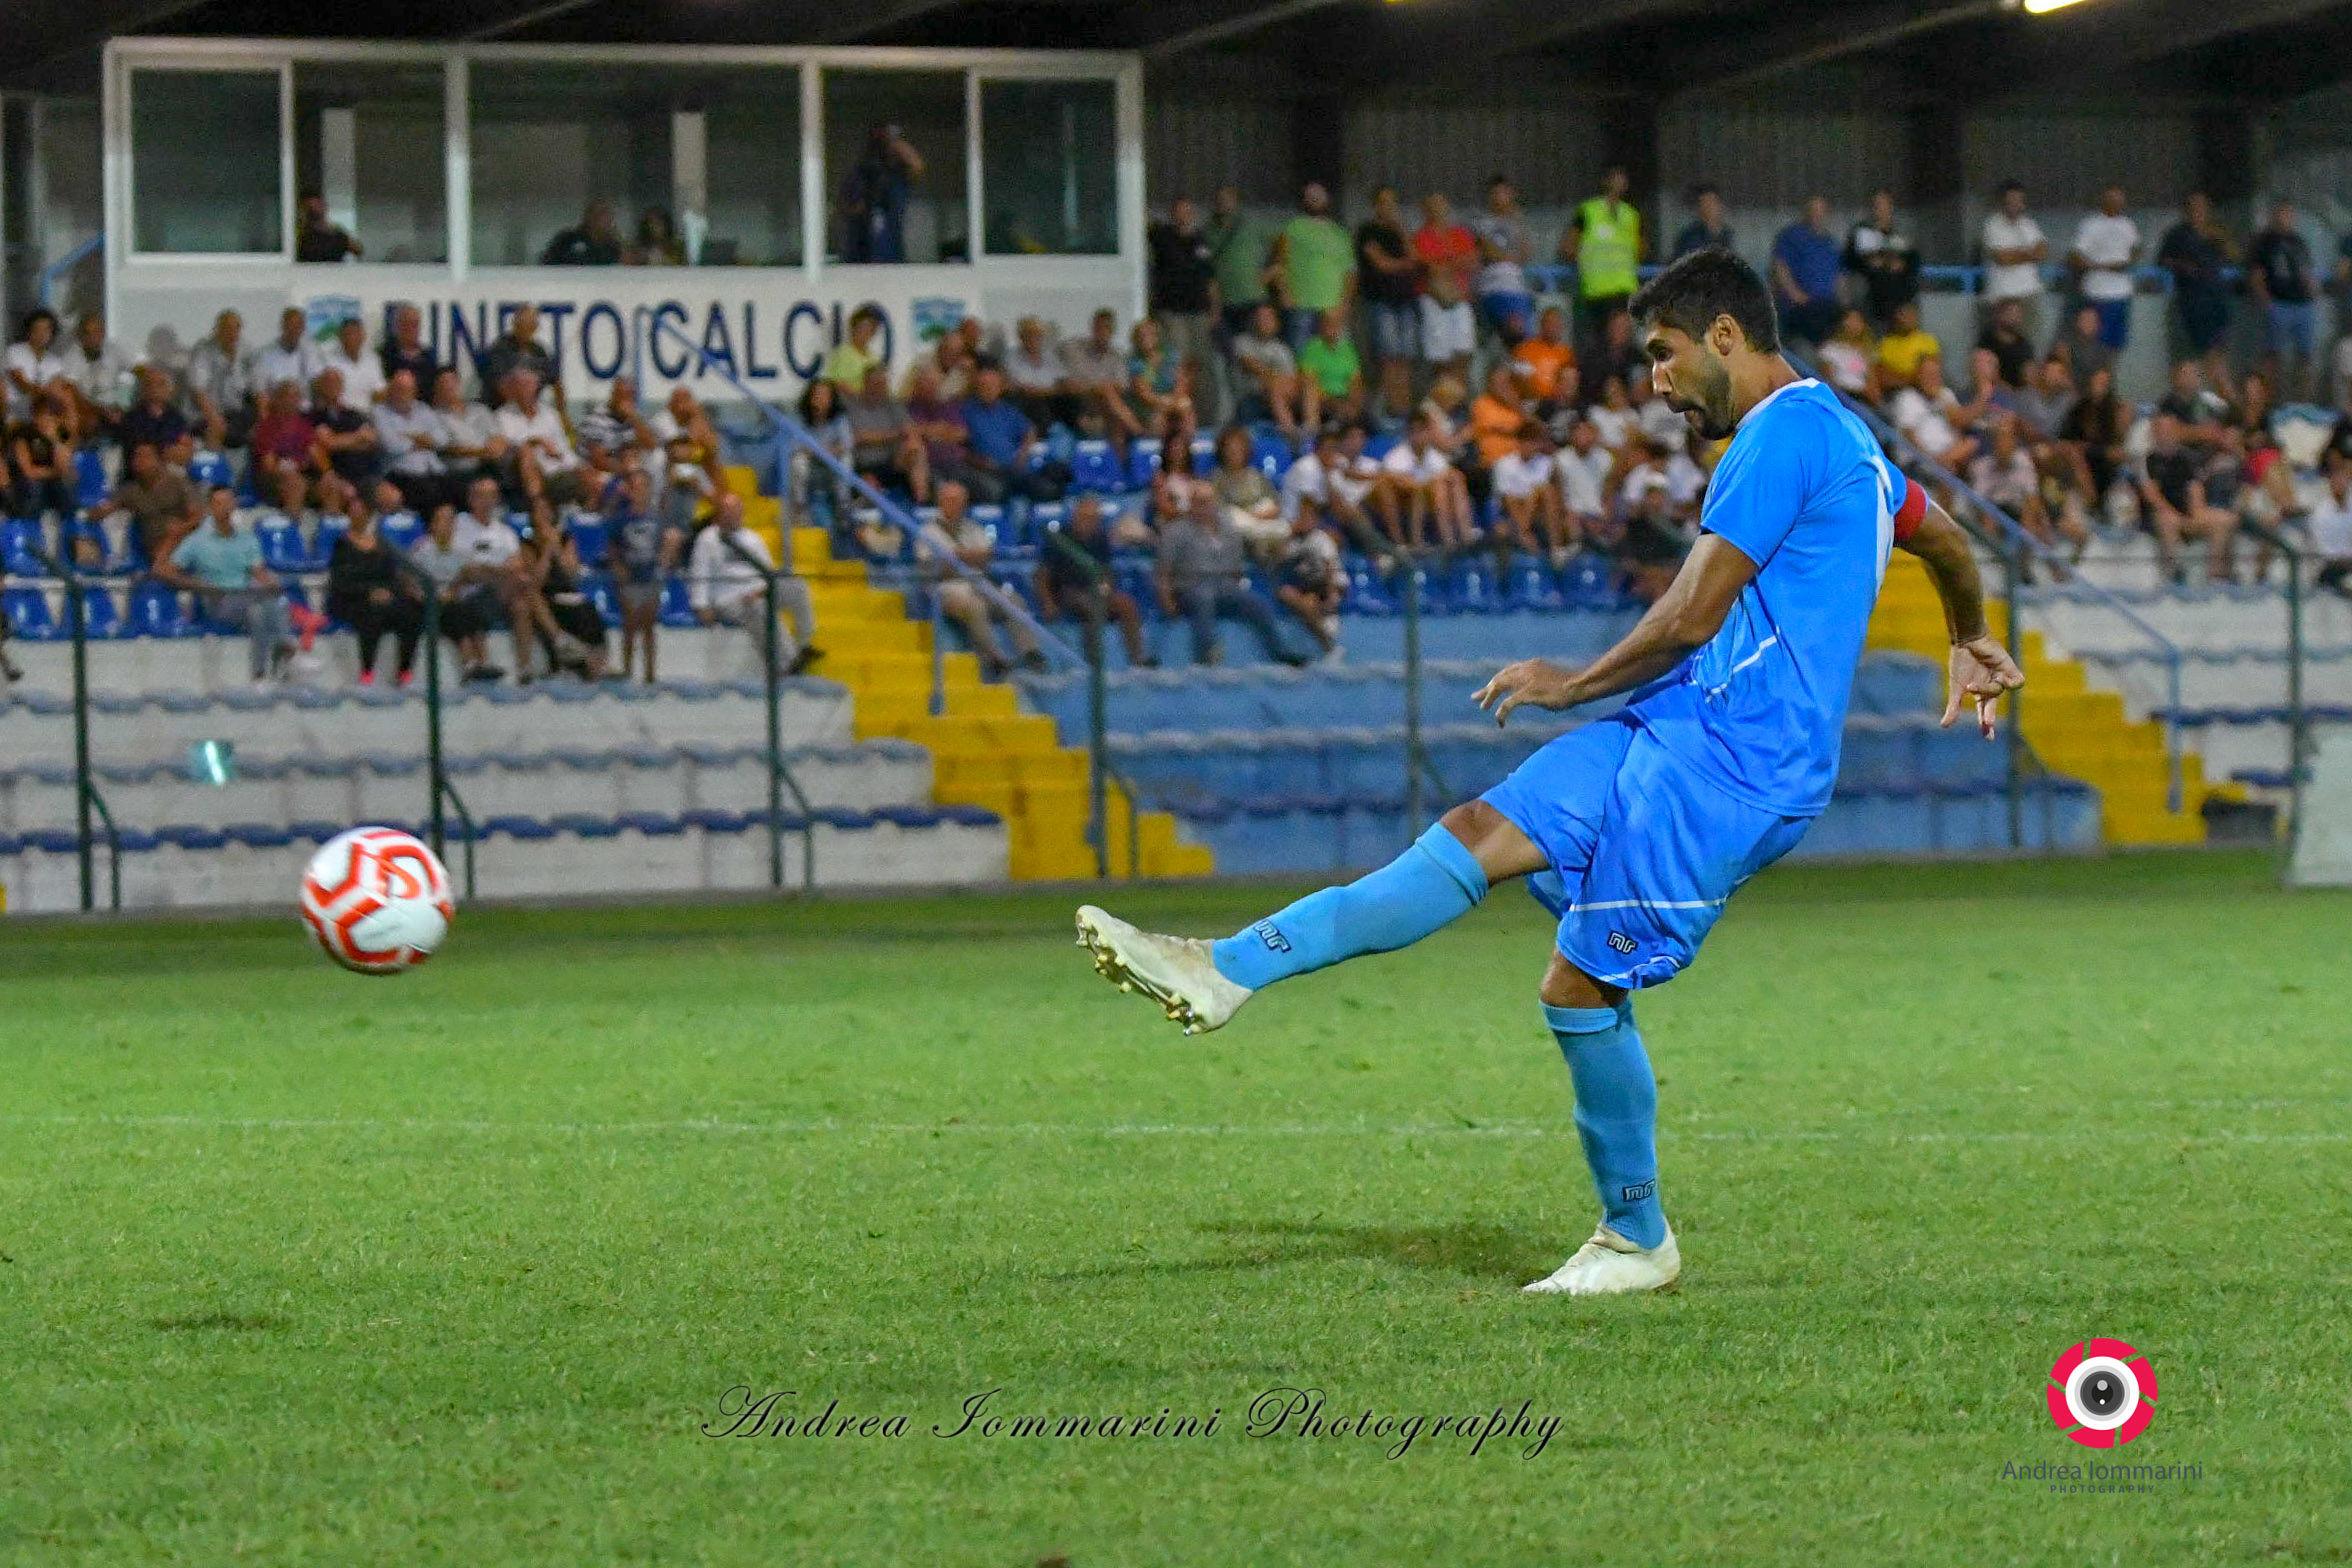 Coppa Italia Serie D Eccellenza E Promozione Risultati Del Primo Turno Foto Ultime Notizie Cityrumors It News Ultima Ora